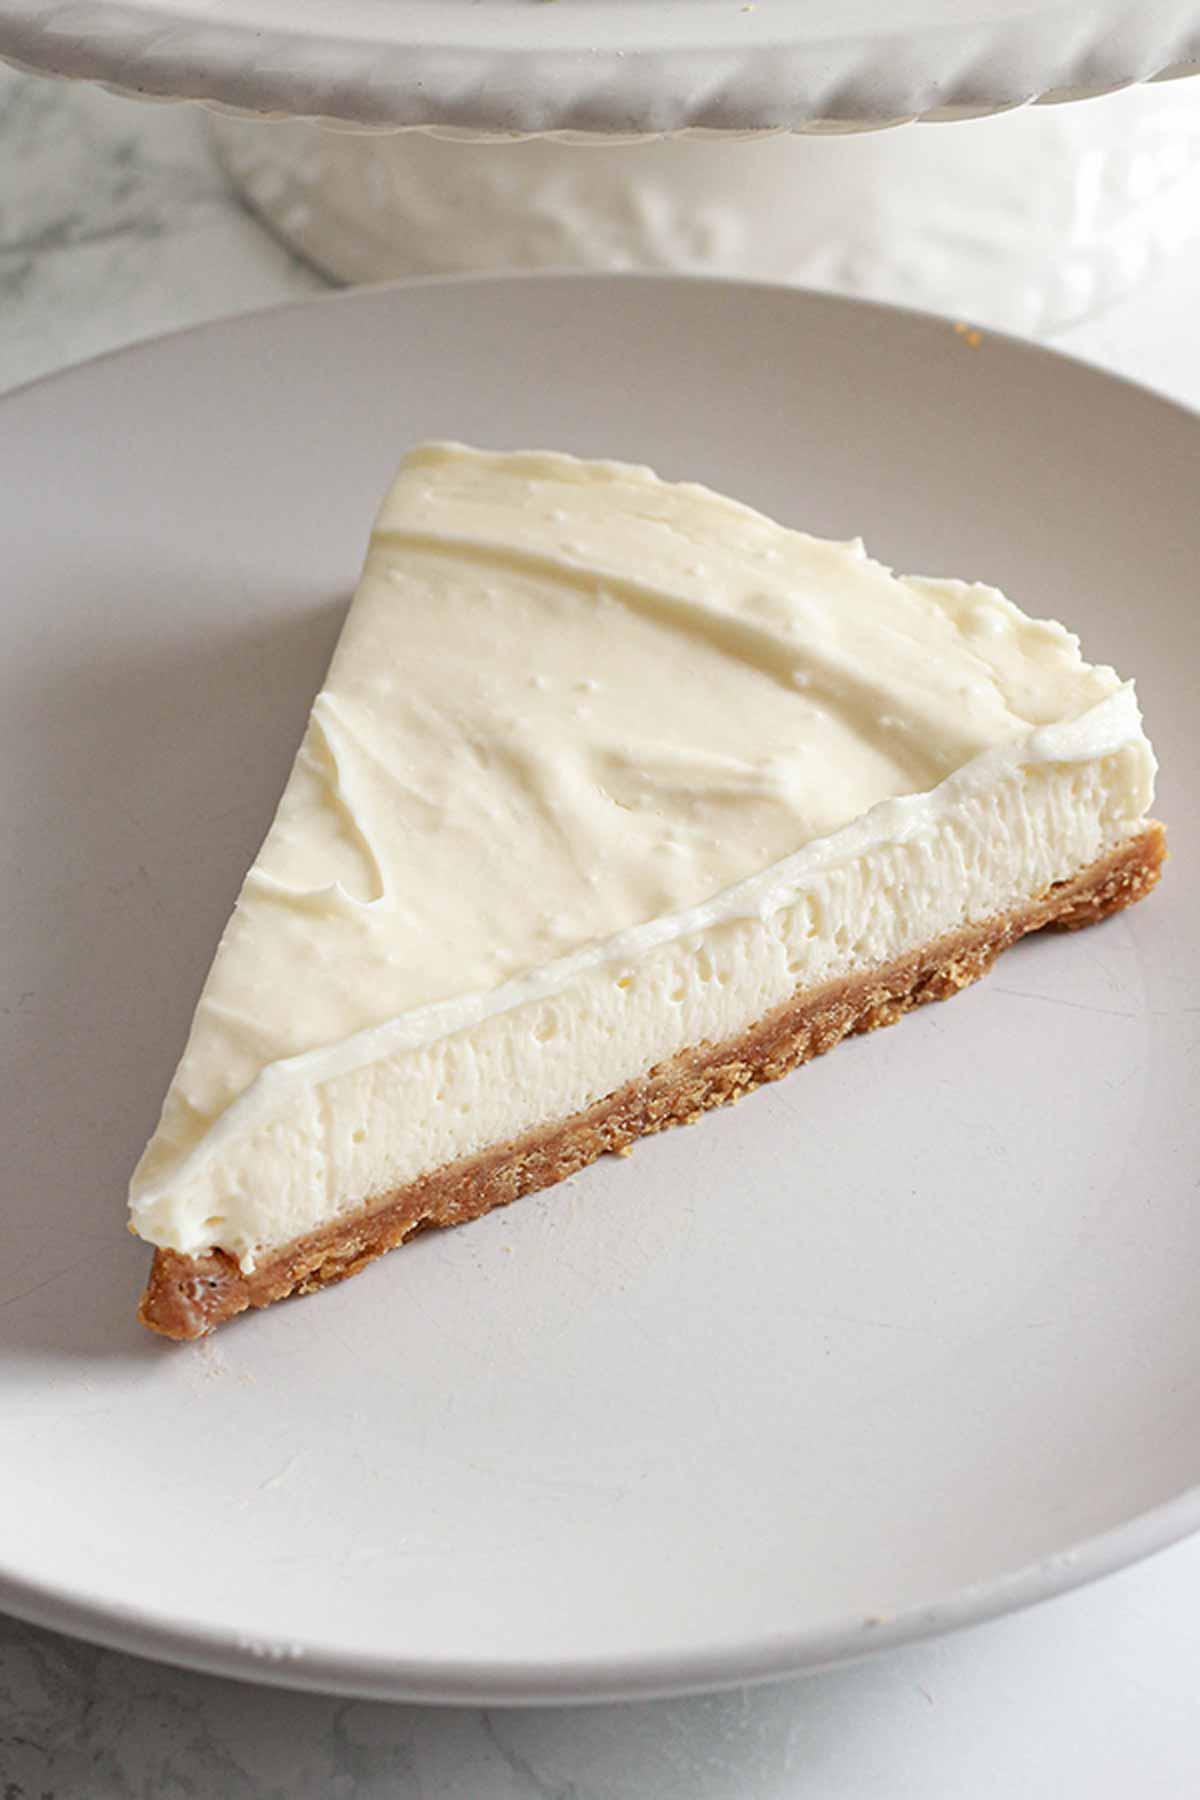 Slice Of Vegan vanilla Cheesecake